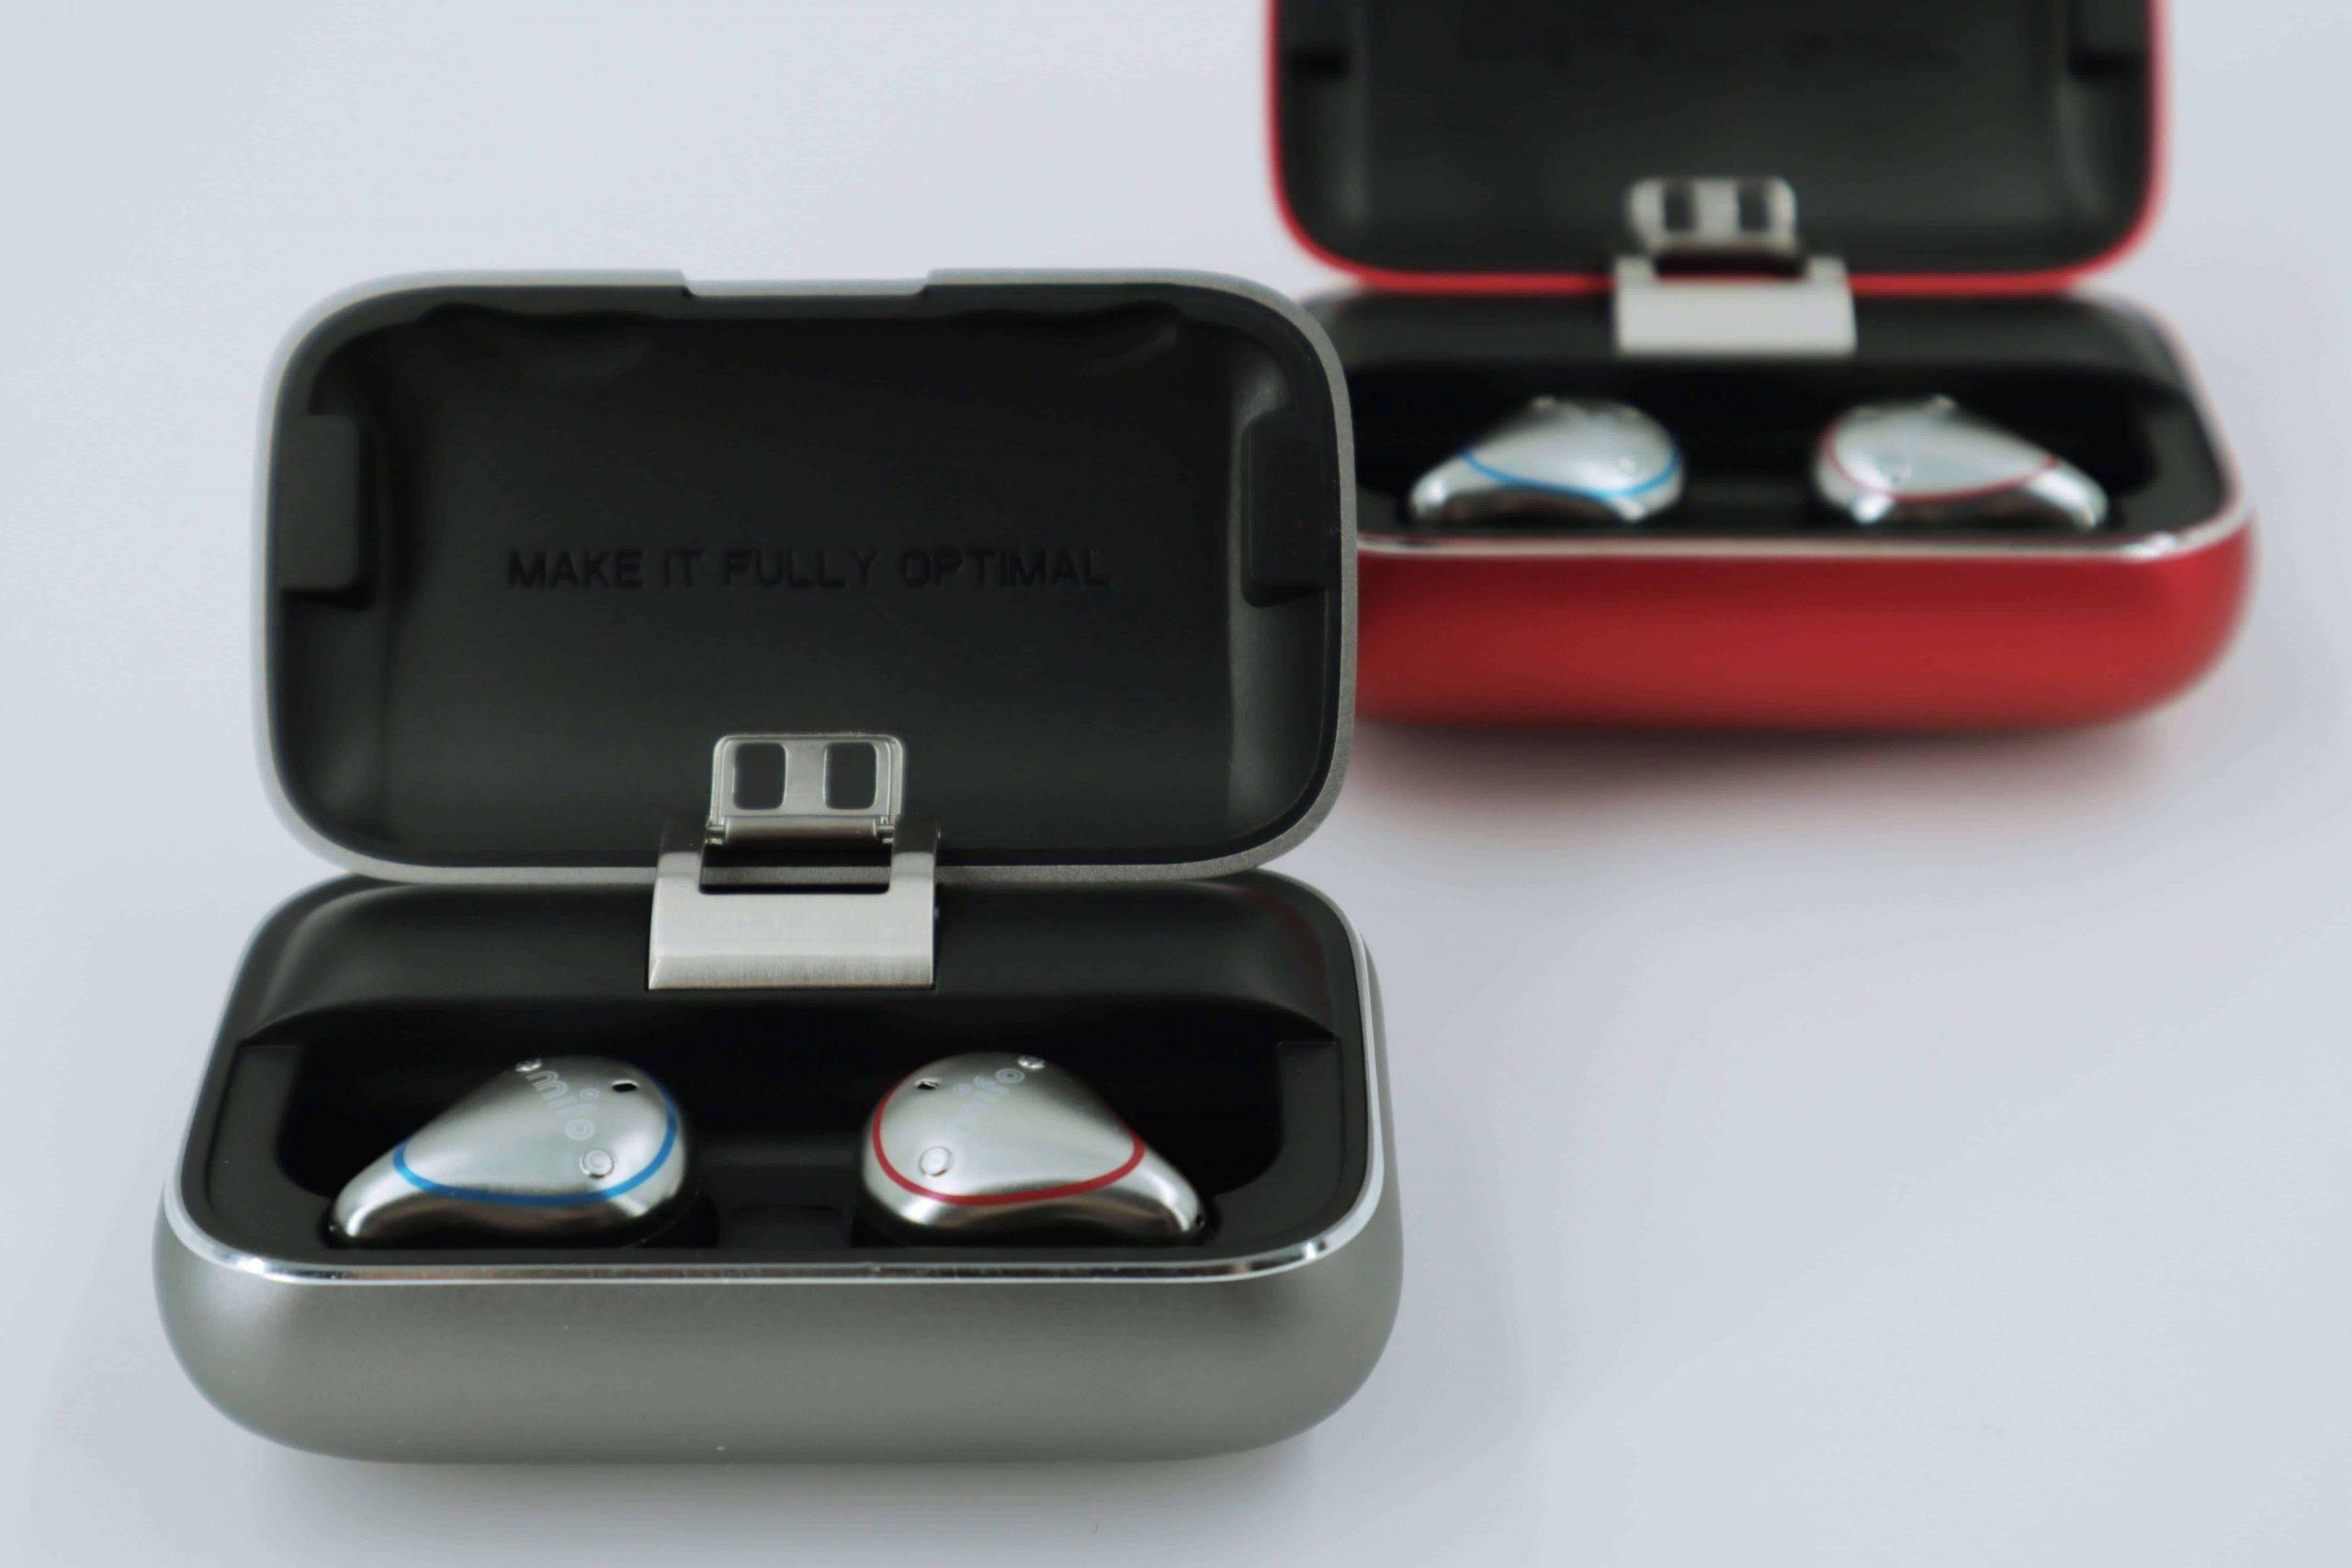 殺手級真無線耳機推薦!強悍重低音還是細膩中高音?Mifo O5都給你!